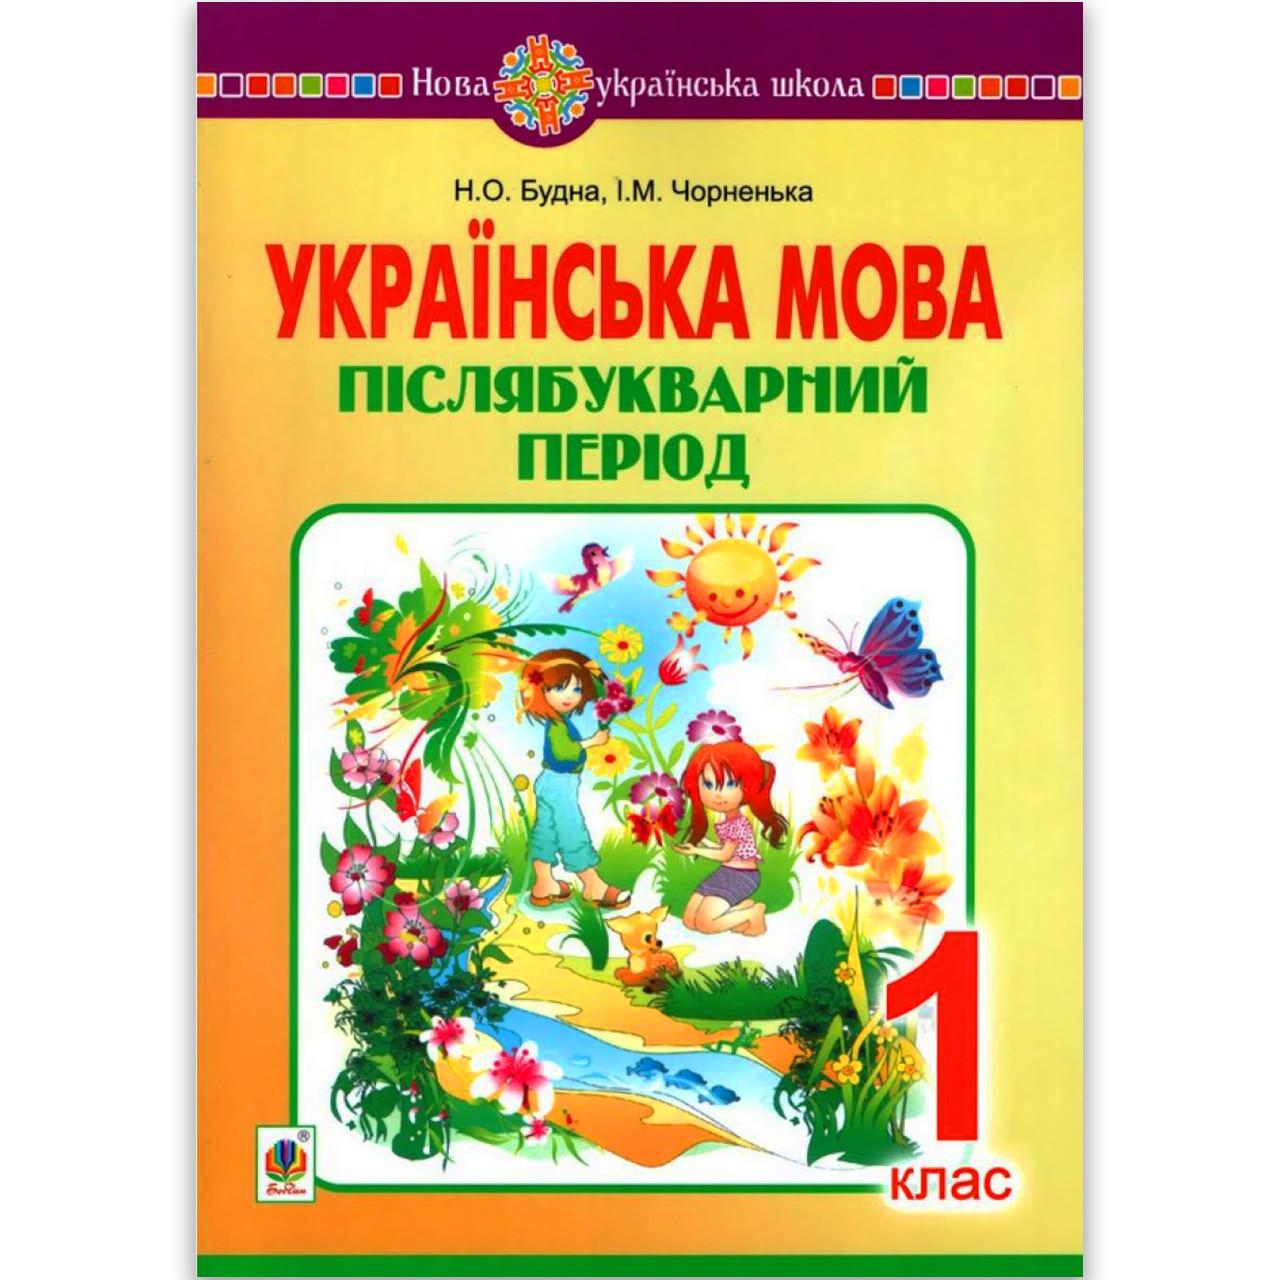 Післябукварний період Українська мова НУШ Авт: Будна Н. Вид: Богдан